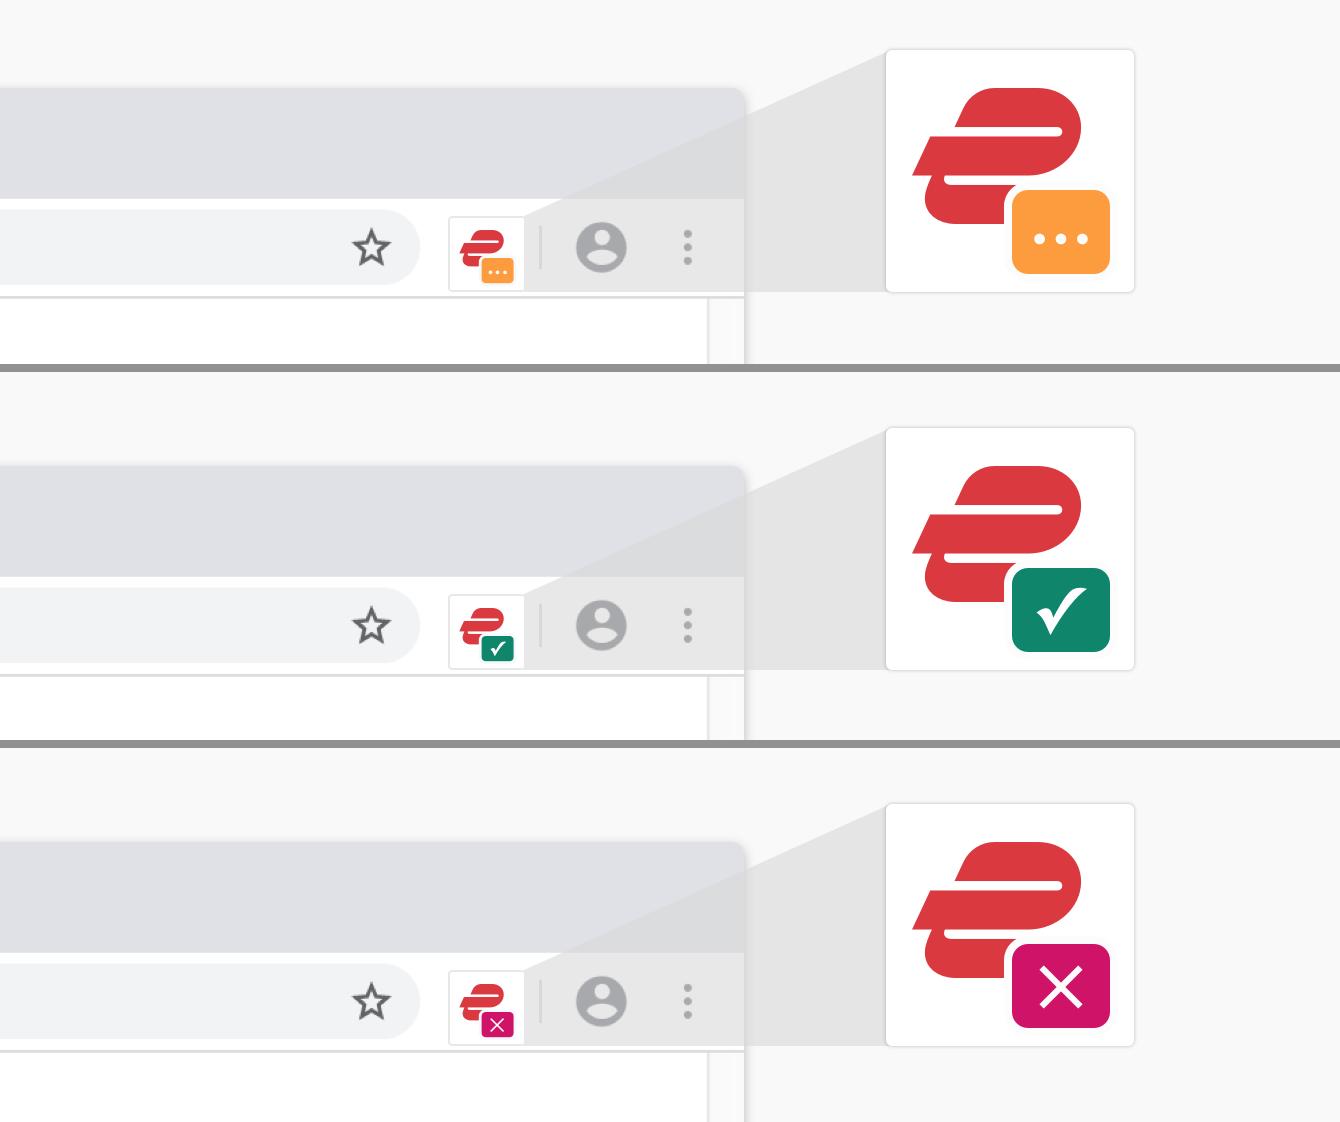 Veja o status da VPN rapidamente na barra de ferramentas do navegador: laranja durante a conexão, verde quando conectado e vermelho para erros.